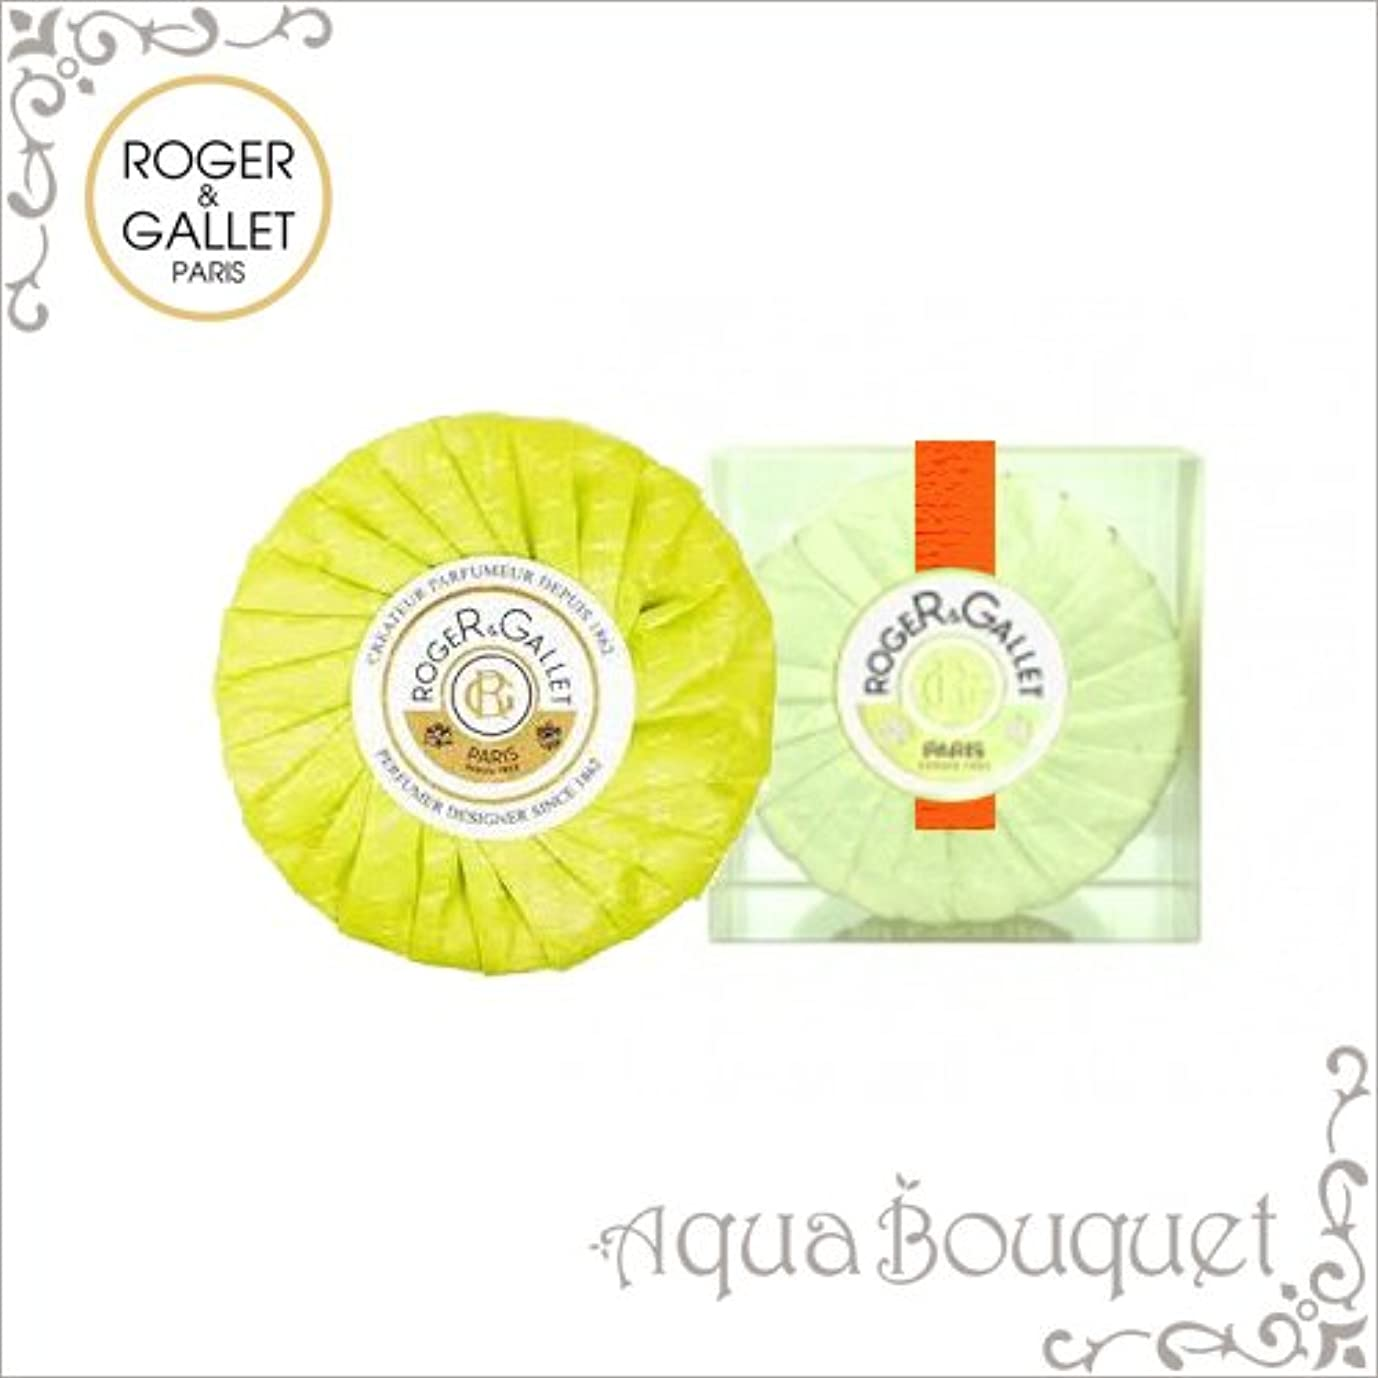 うれしいチキン提供されたロジェガレ オスマンティウスパフューム 香水石鹸 100g ROGER&GALLET FLEUR D'OSMANTHUS PERFUMED SOAP [1278](プラスチック簡易ケース入り) [並行輸入品]